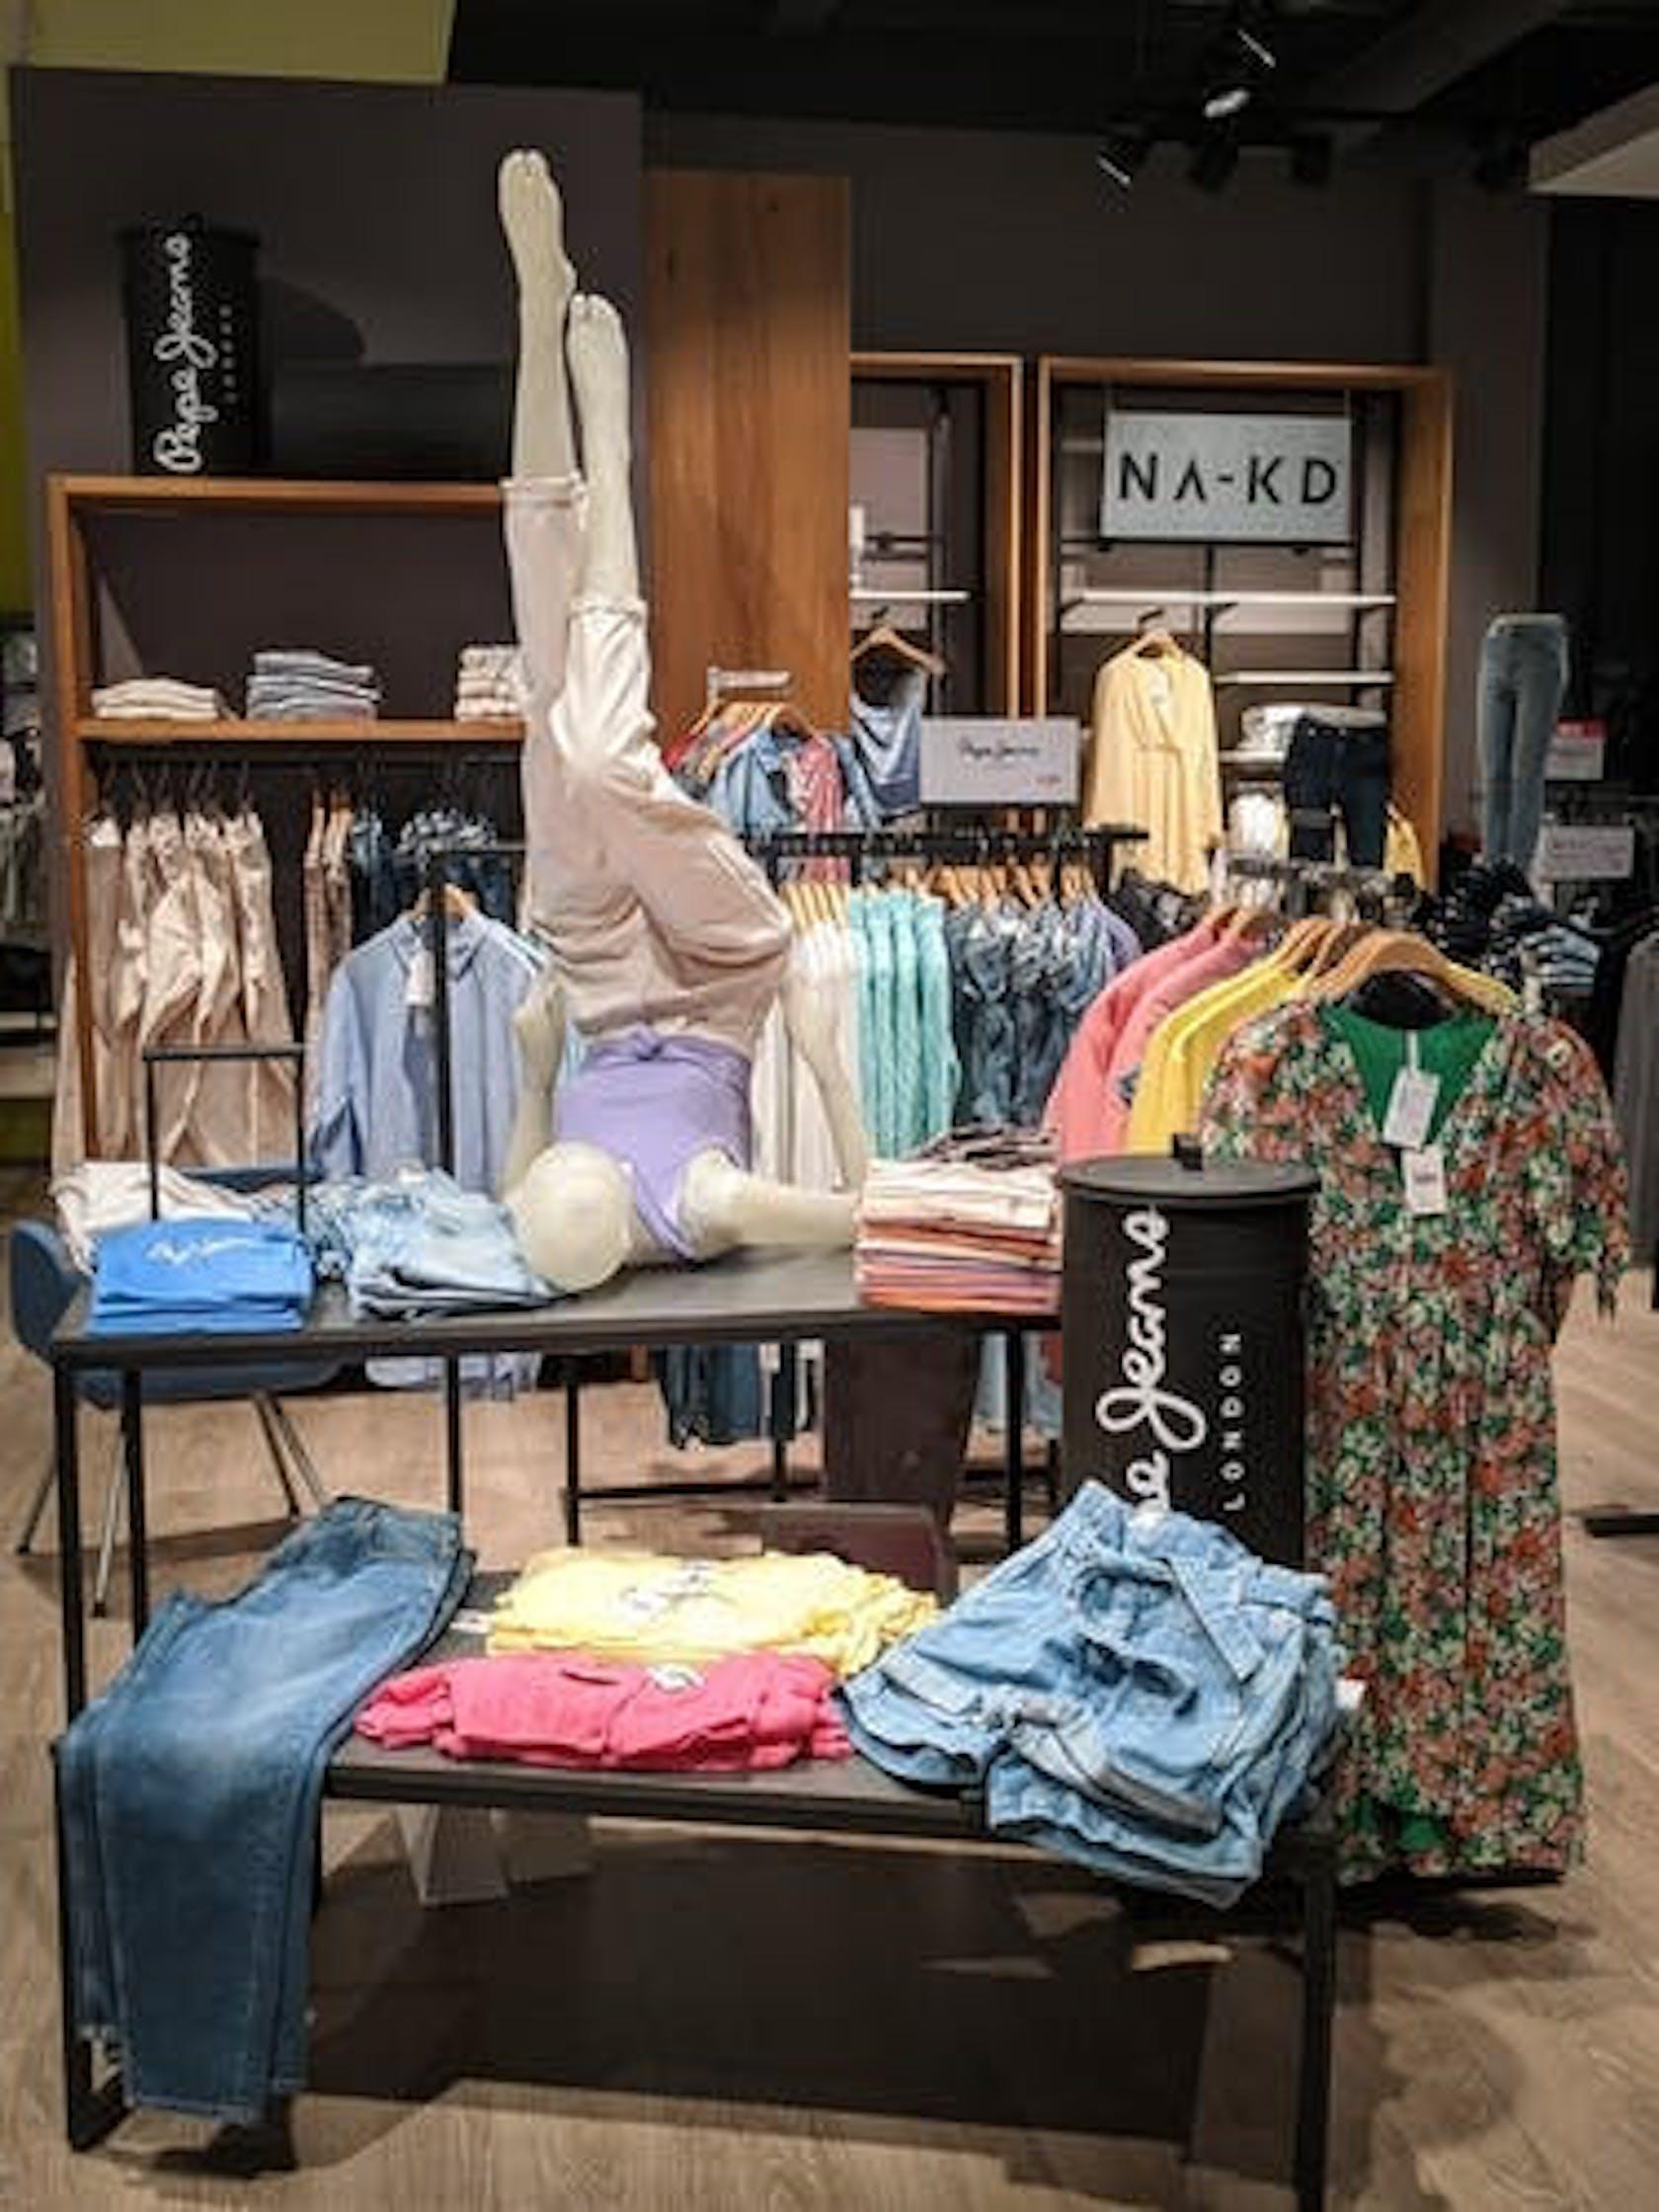 Verkaufsflächen der Marken Pepe Jeans und NAKD